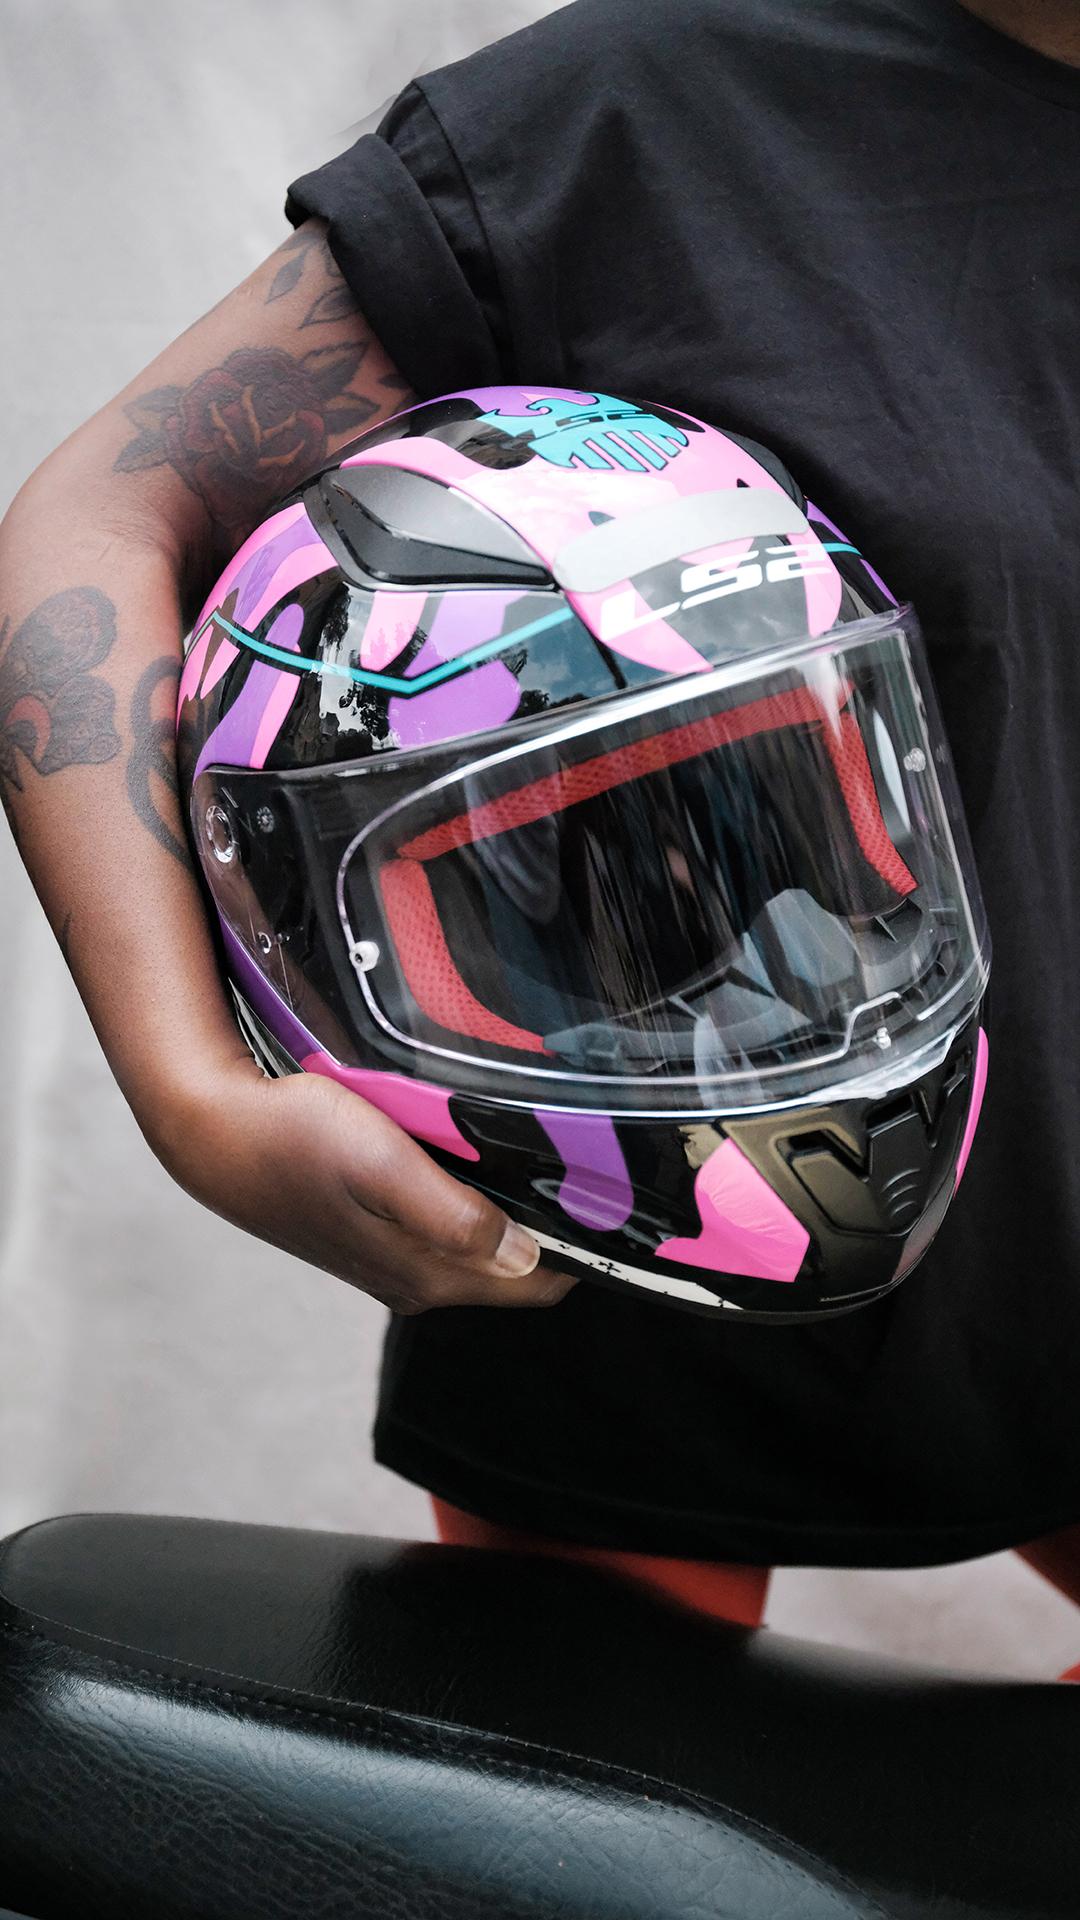 Vanessa Teixeira, cantora lírica que virou motociclista na pandemia